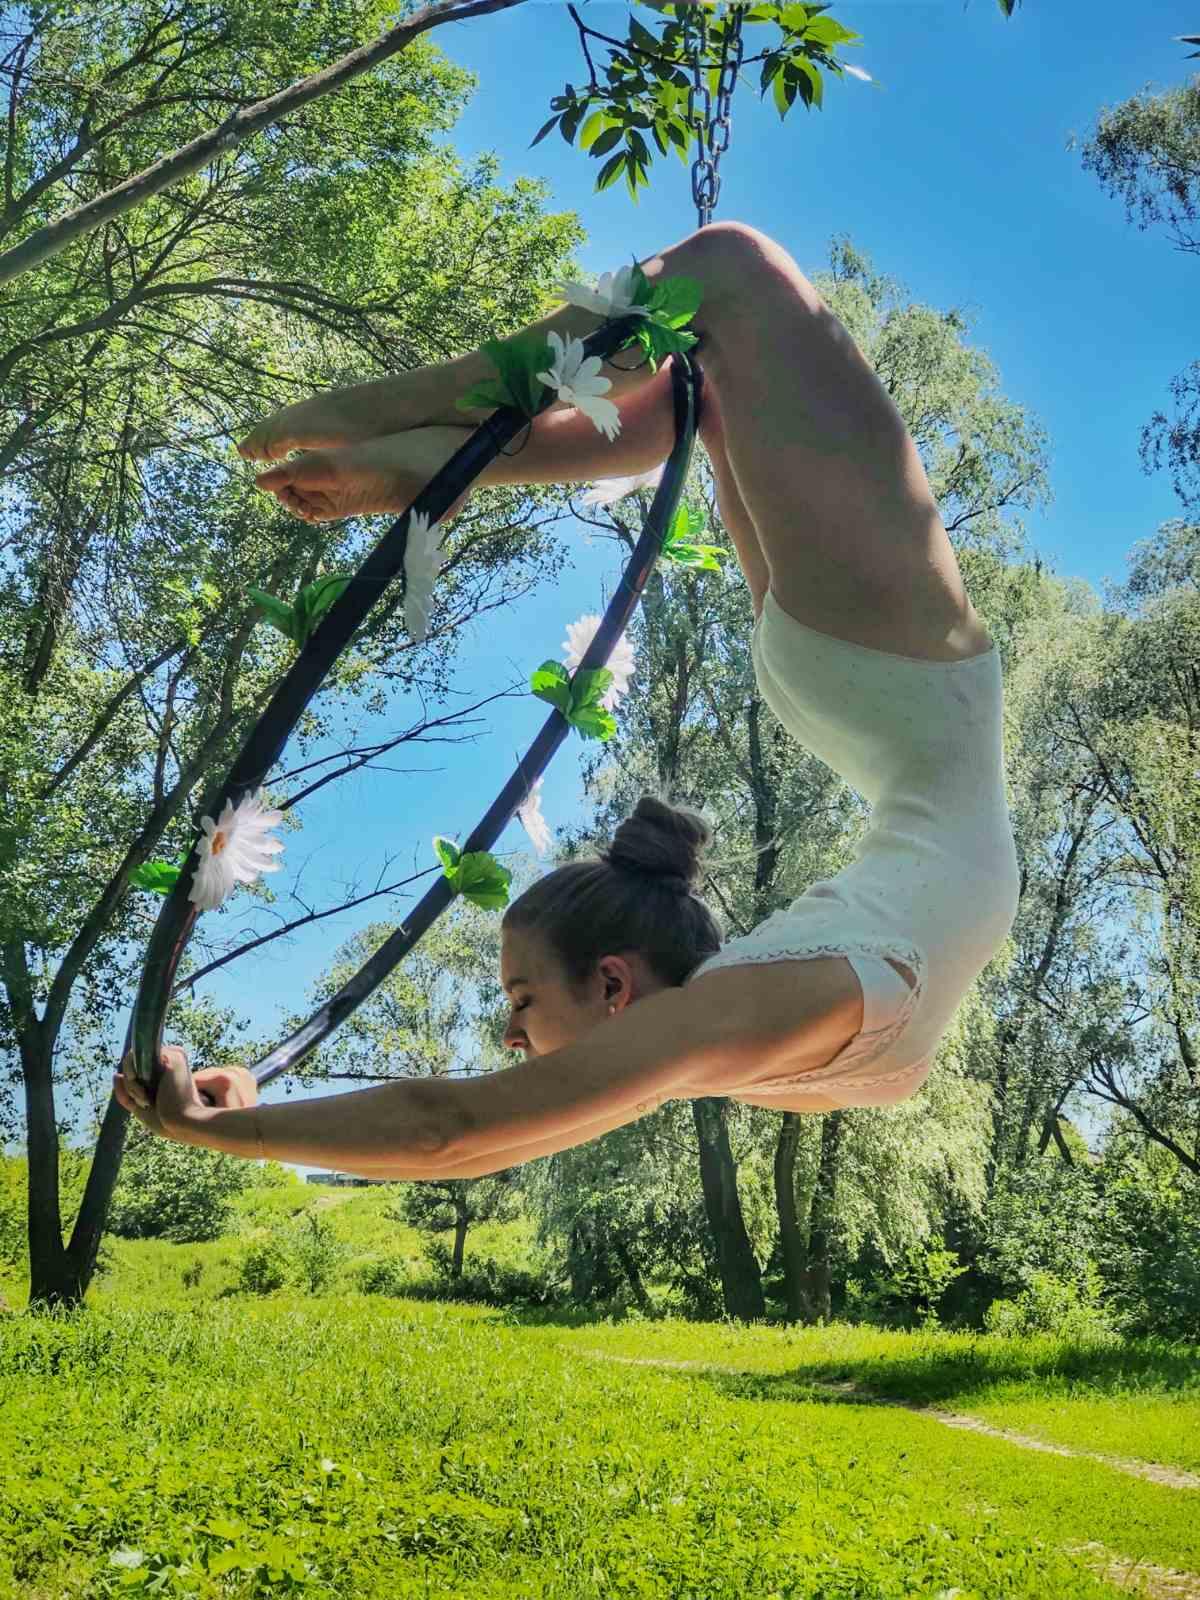 Воздушная акробатика с кольцом